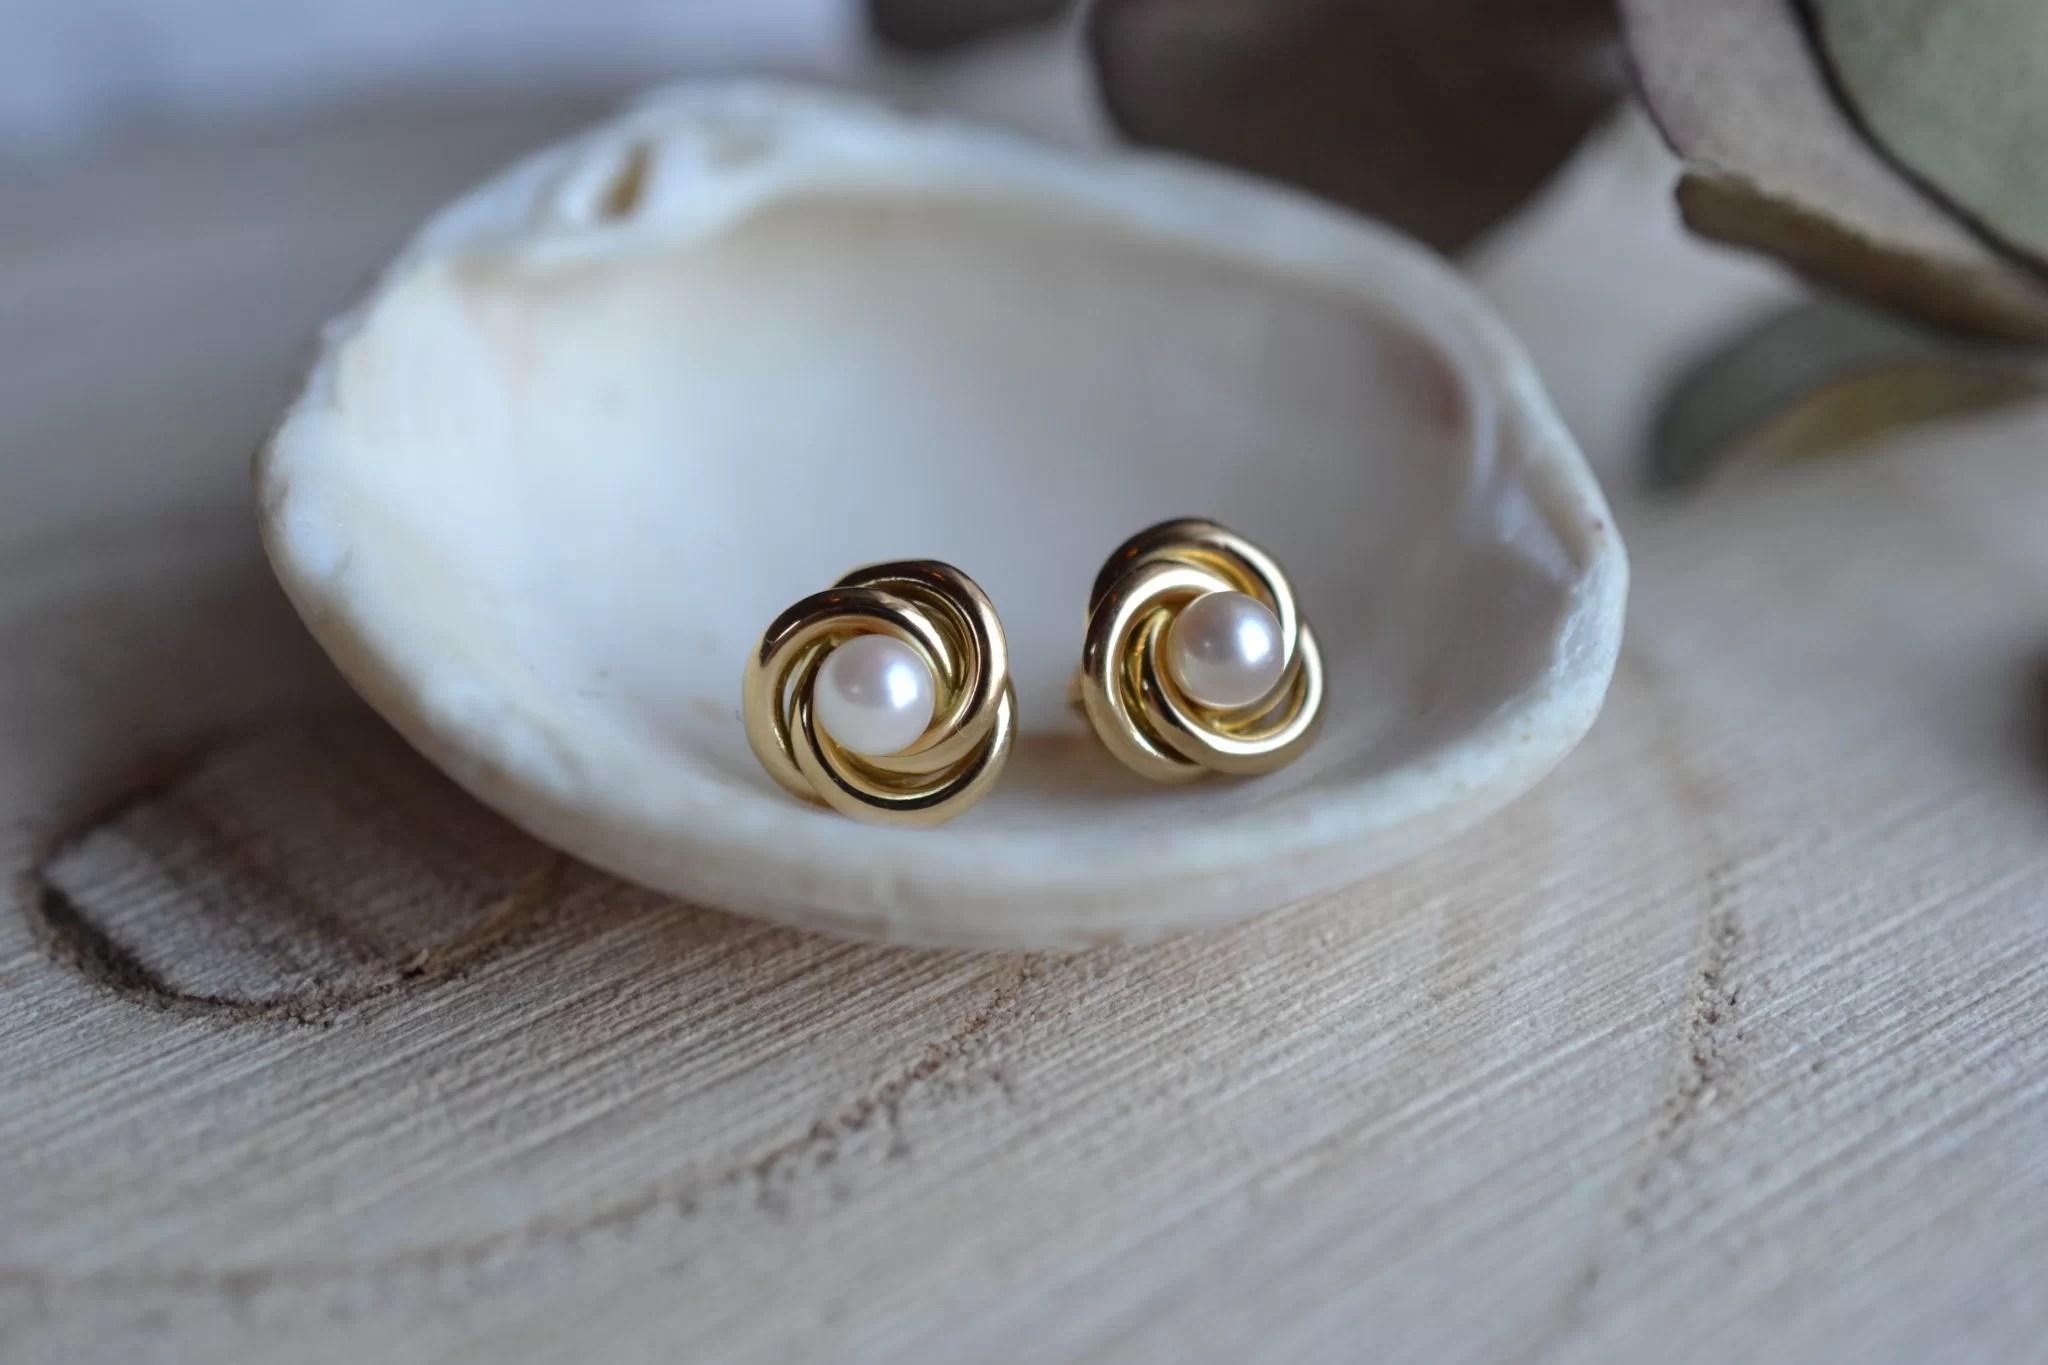 Paire de puces d_oreilles en Or jaune, chacune ornée d_une perles de culture dans une monture torsadée - boucles d_oreilles vintage